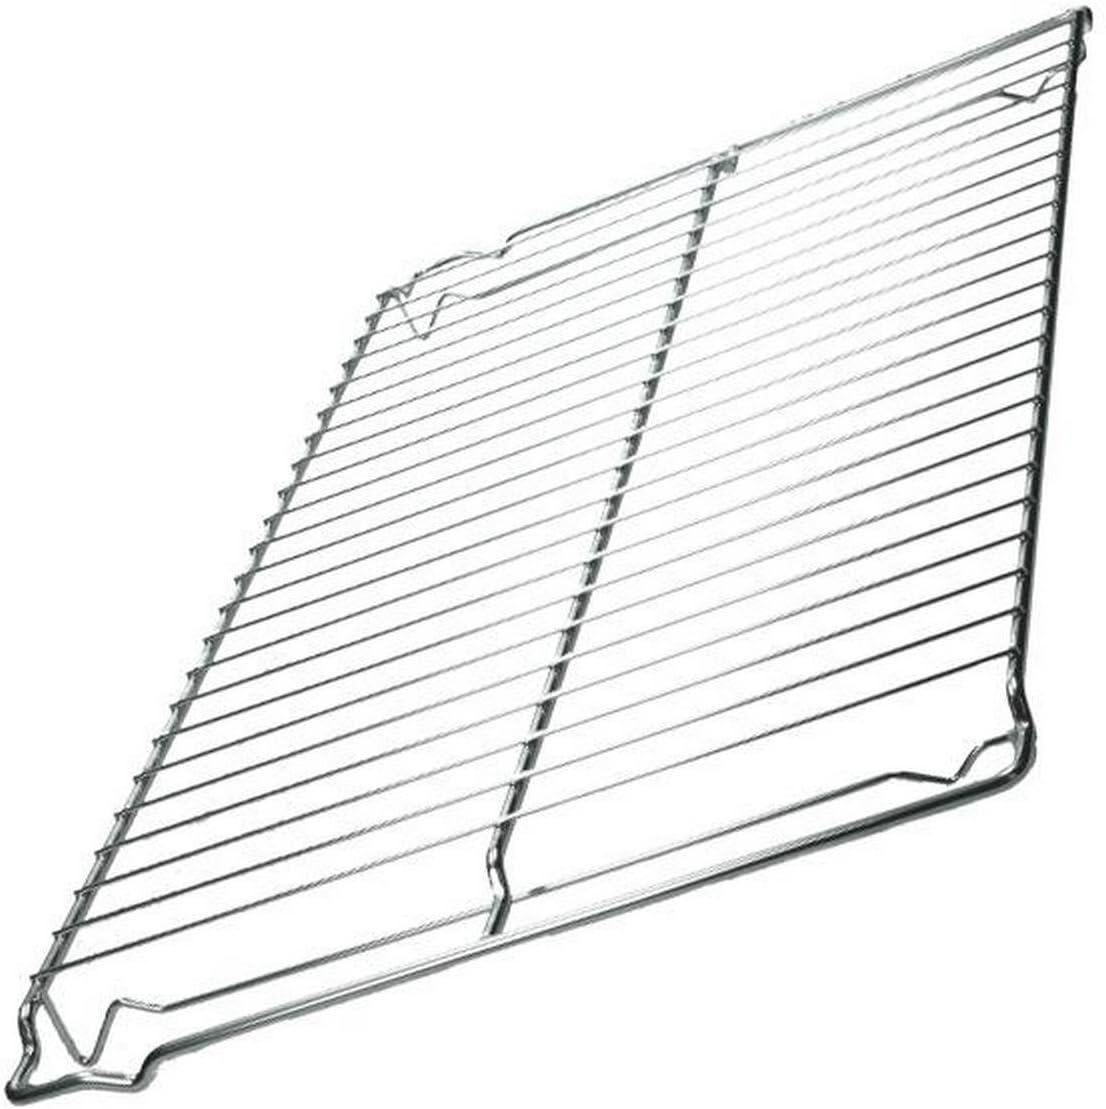 Smeg - Parrilla para horno (760 x 400 mm): Amazon.es: Hogar